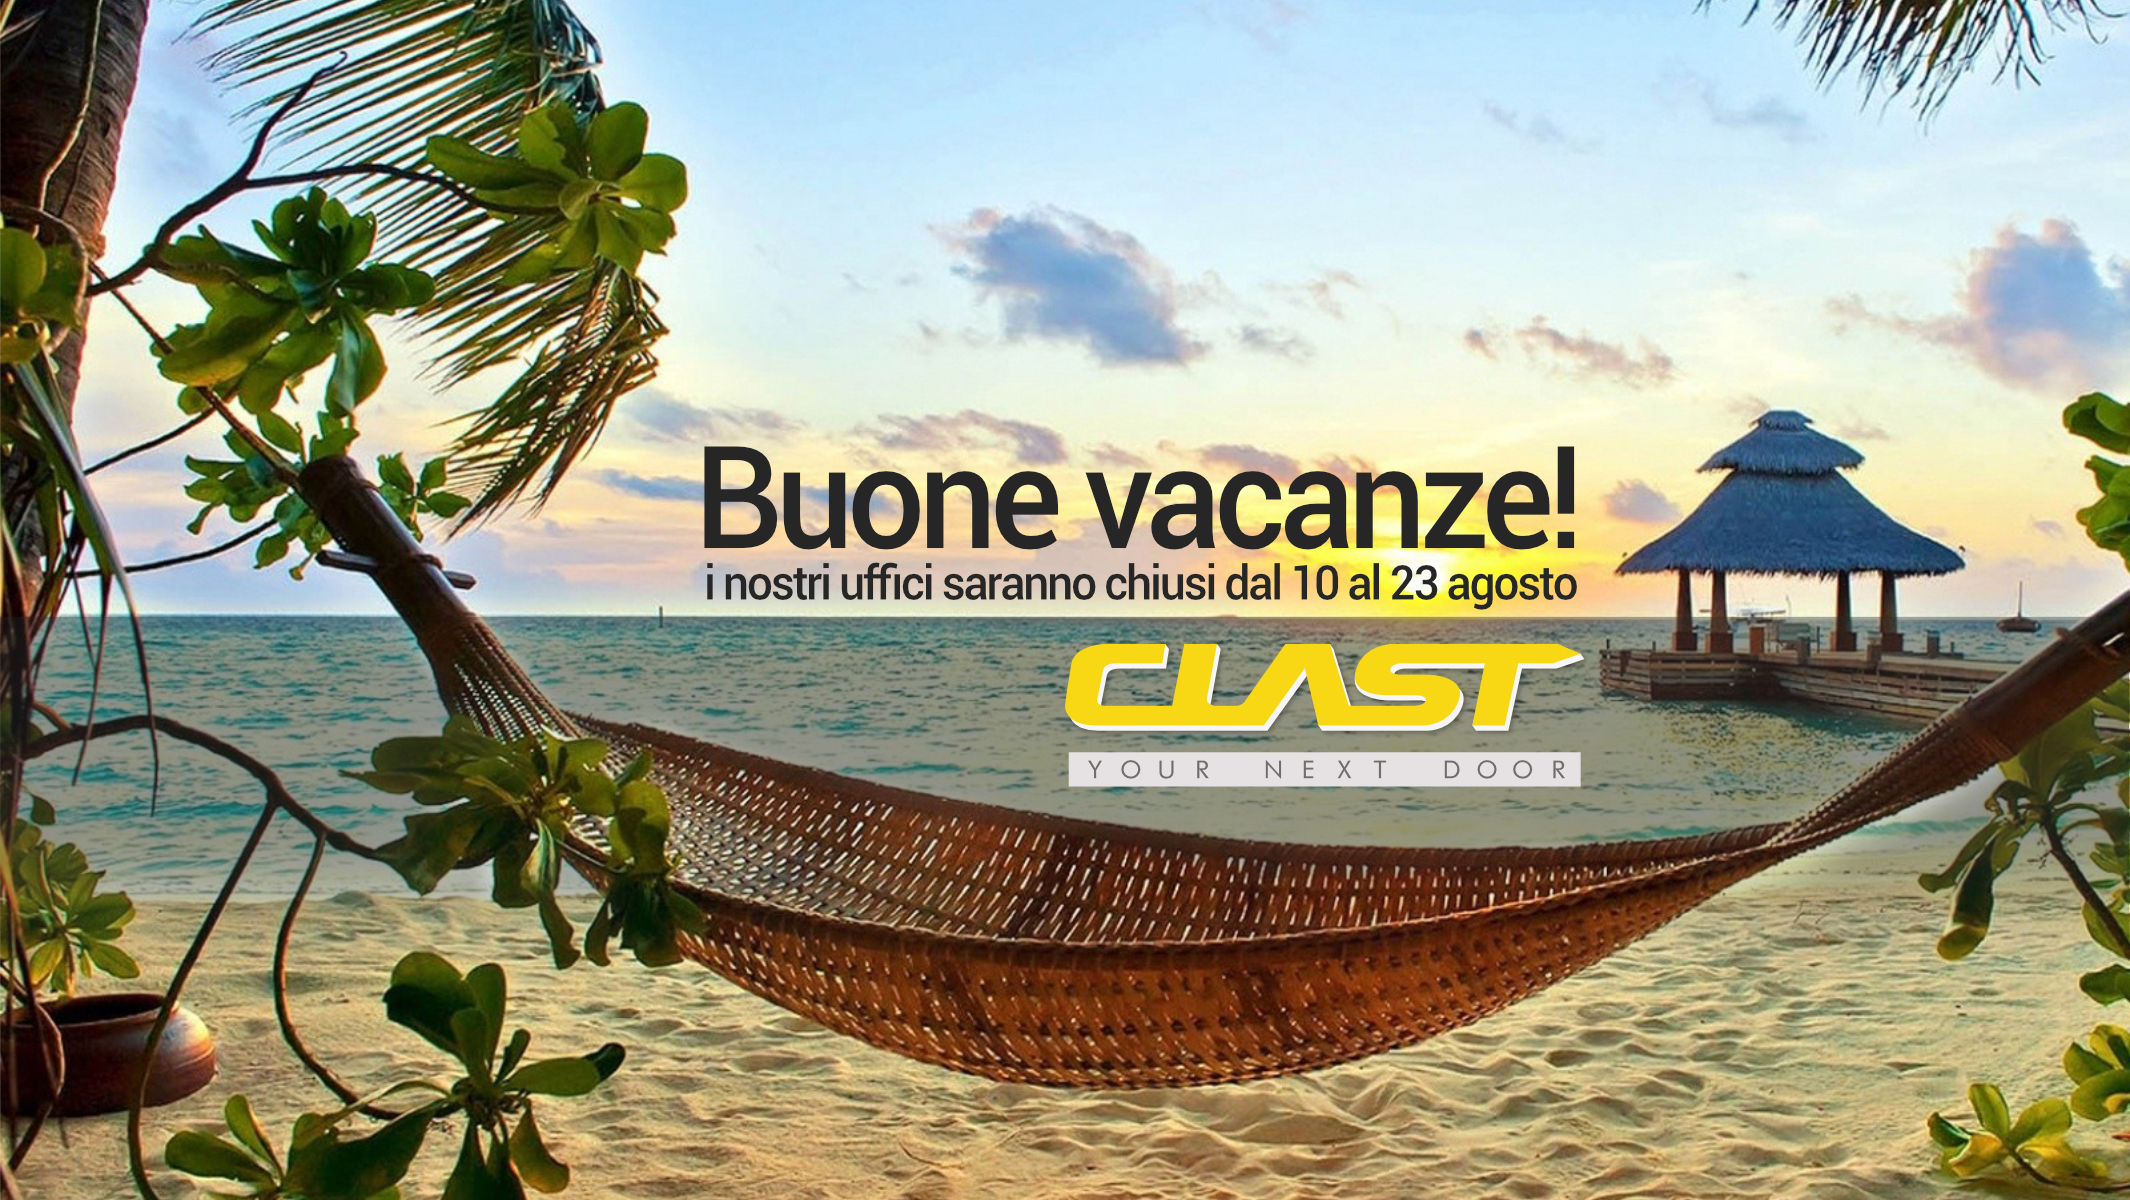 clast vacanze Buone vacanze da Clast!   Clast srl: porte, portoni, sicurezza, cancelli, automazioni. Via Soncino 5, Trescore Cremasco